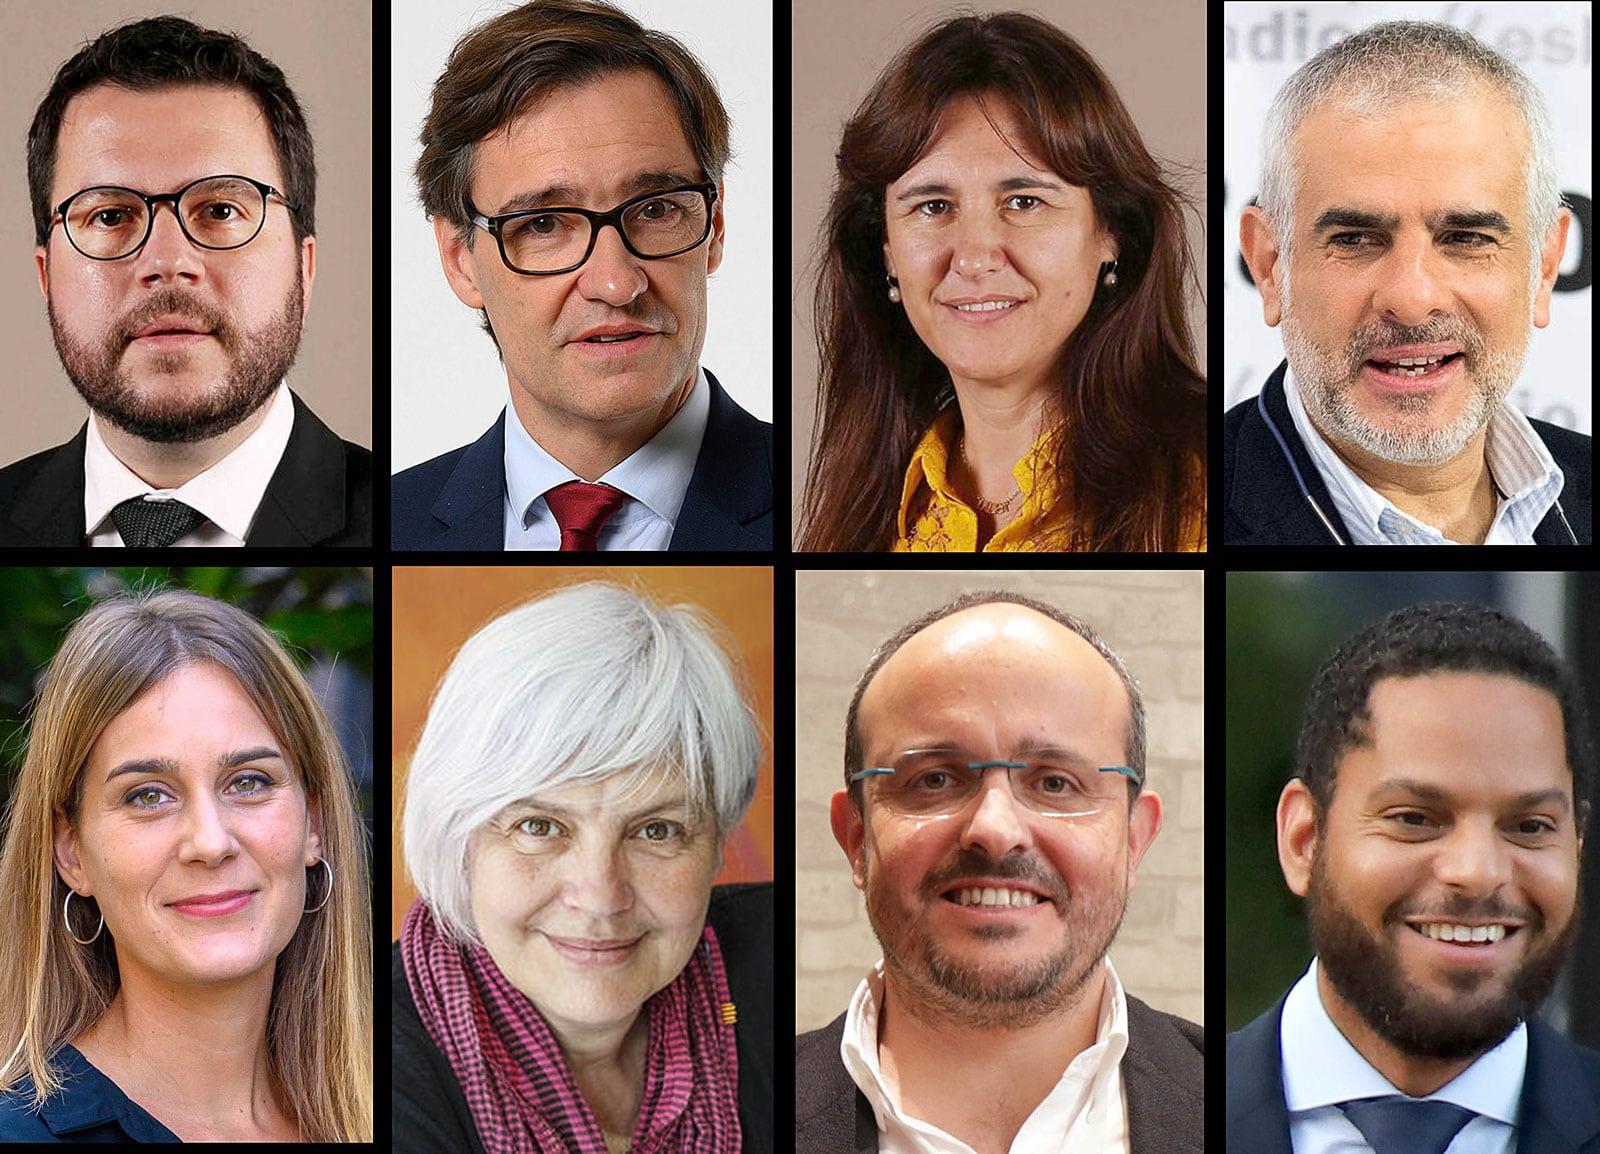 D'esquerra a dreta i de dalt a baix, Pere Aragonès, Salvador Illa, Laura Borràs, Carlos Carrizosa, Jèssica Albiach, Dolors Sabater, Alejandro Fernández i Ignacio Garriga.